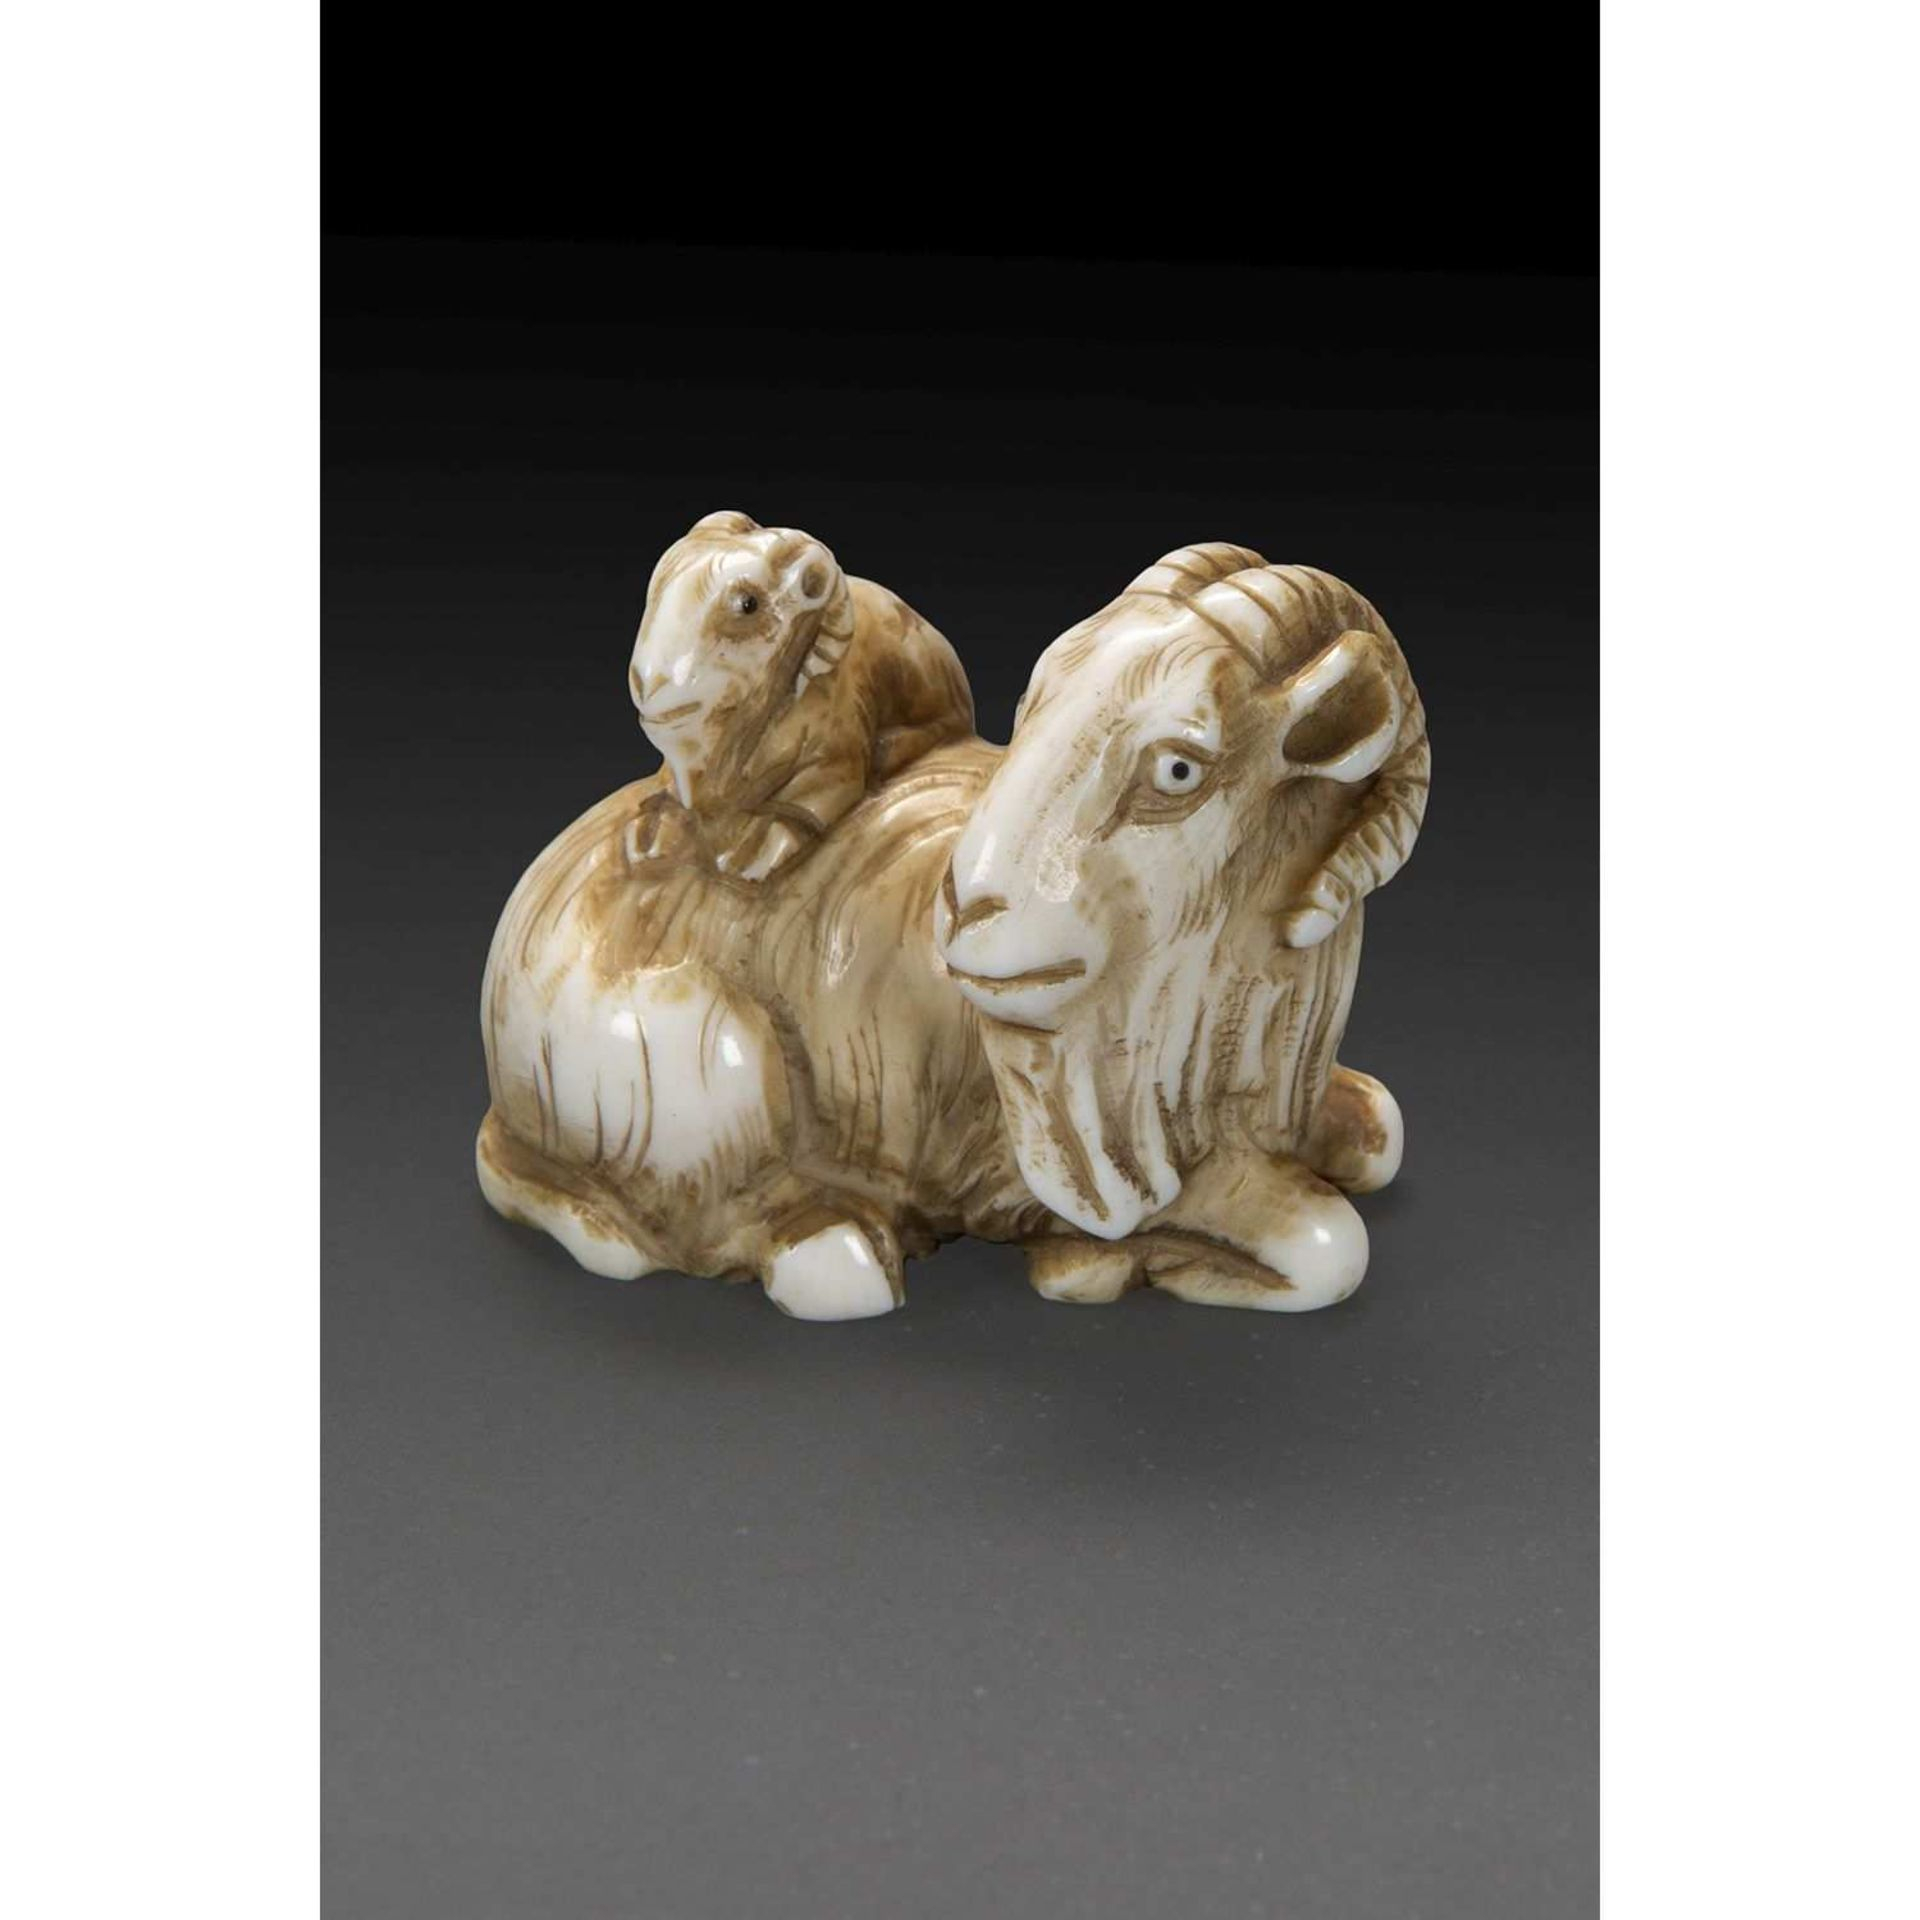 ~ NETSUKE en ivoire sculpté et patiné figurant un bouquetin couché accompagné de son petit. Signé